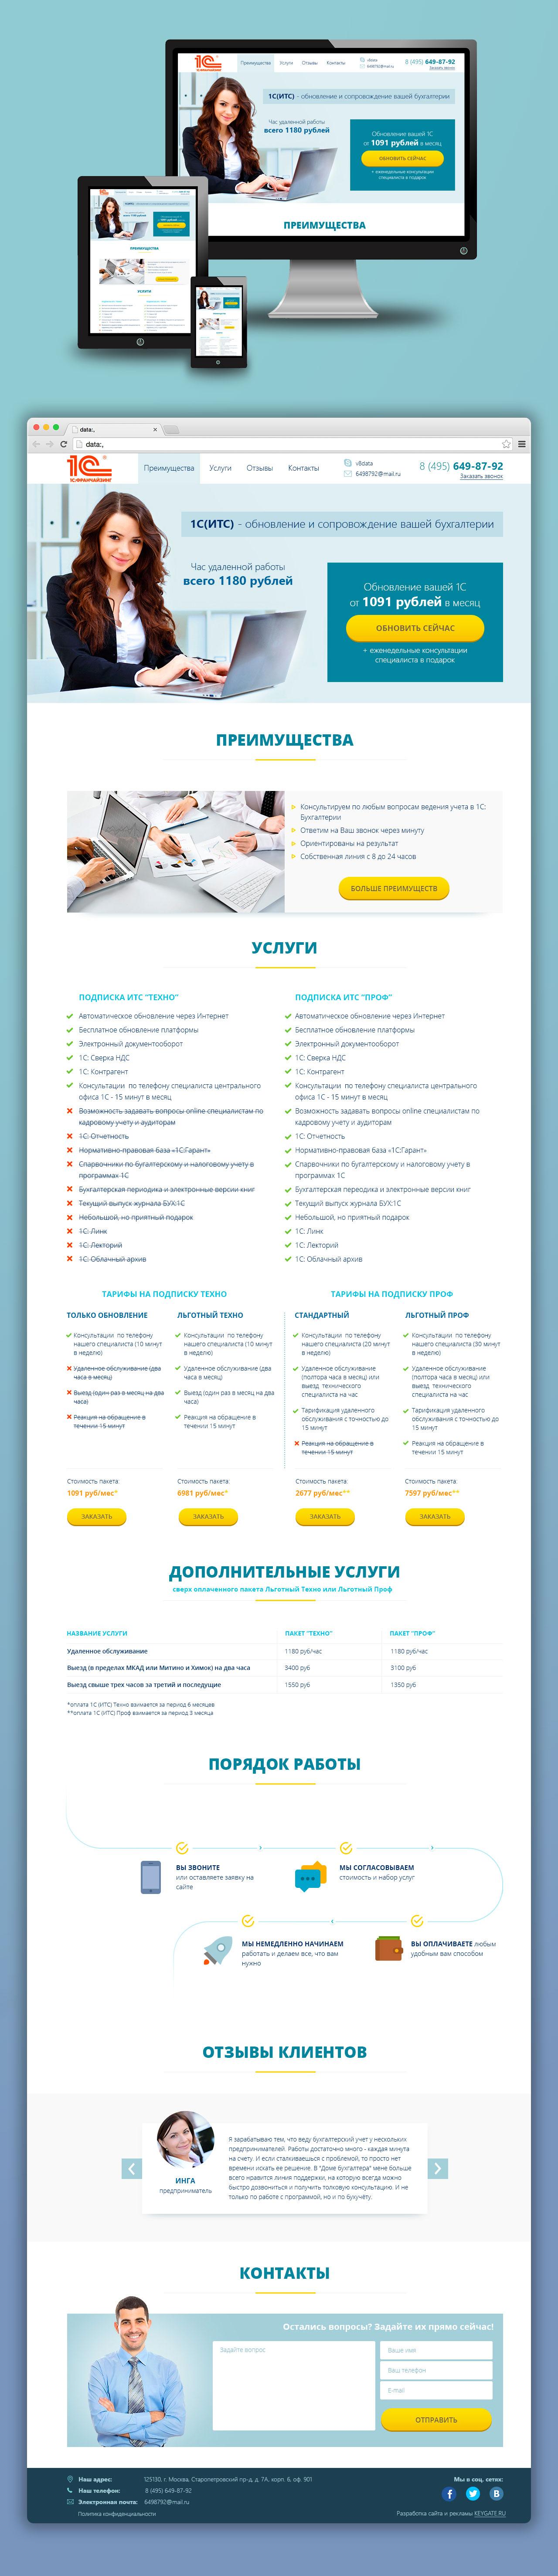 Дизайн Landing Page для интегратора 1C